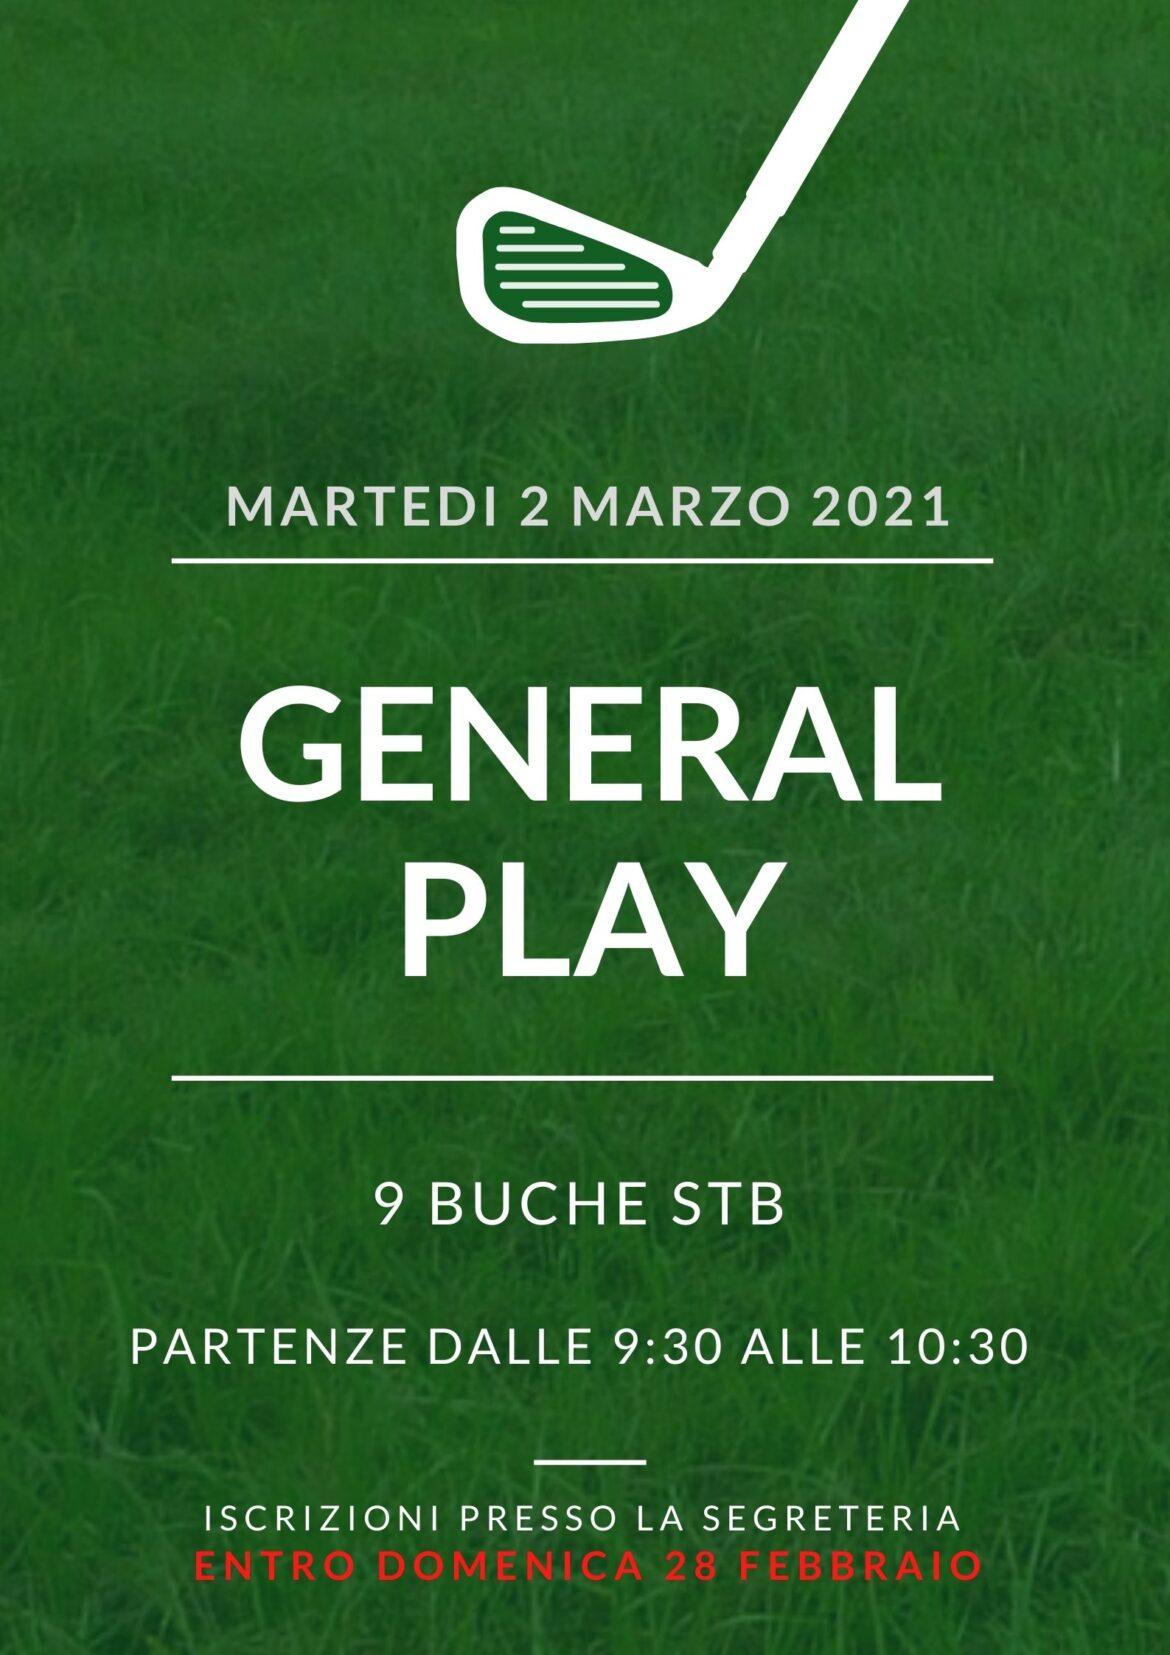 GENERAL PLAY del 2 marzo 2021